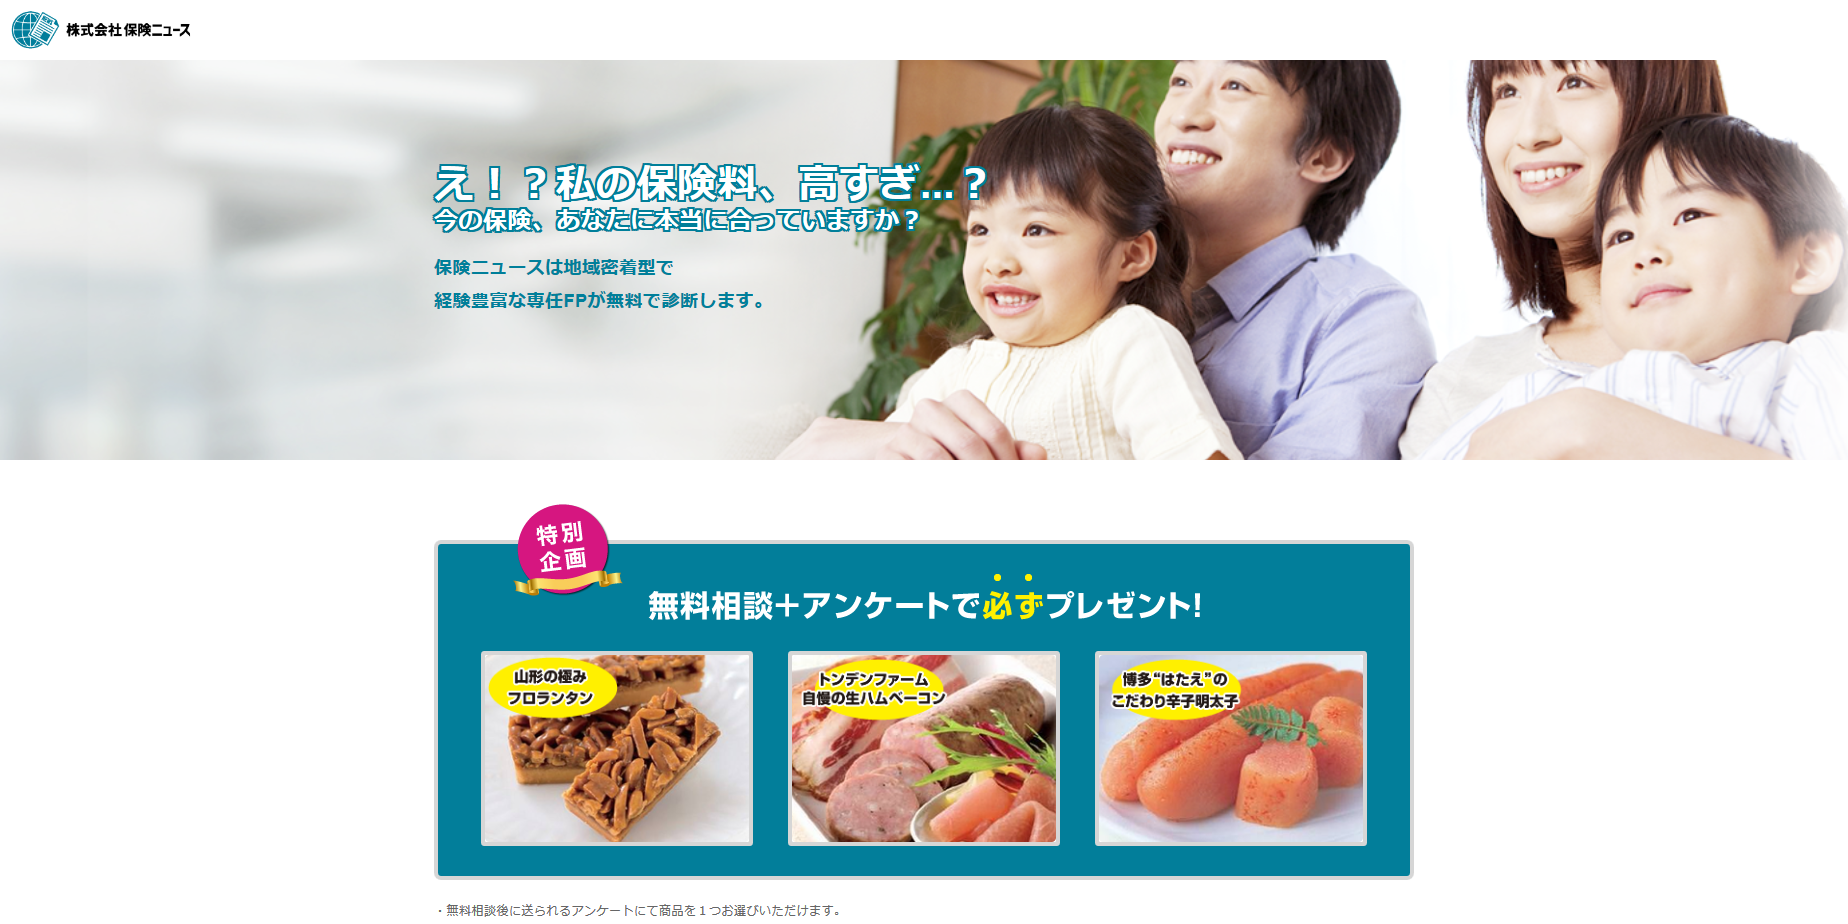 【保険ニュース】無料保険相談でカタログギフトプレゼント